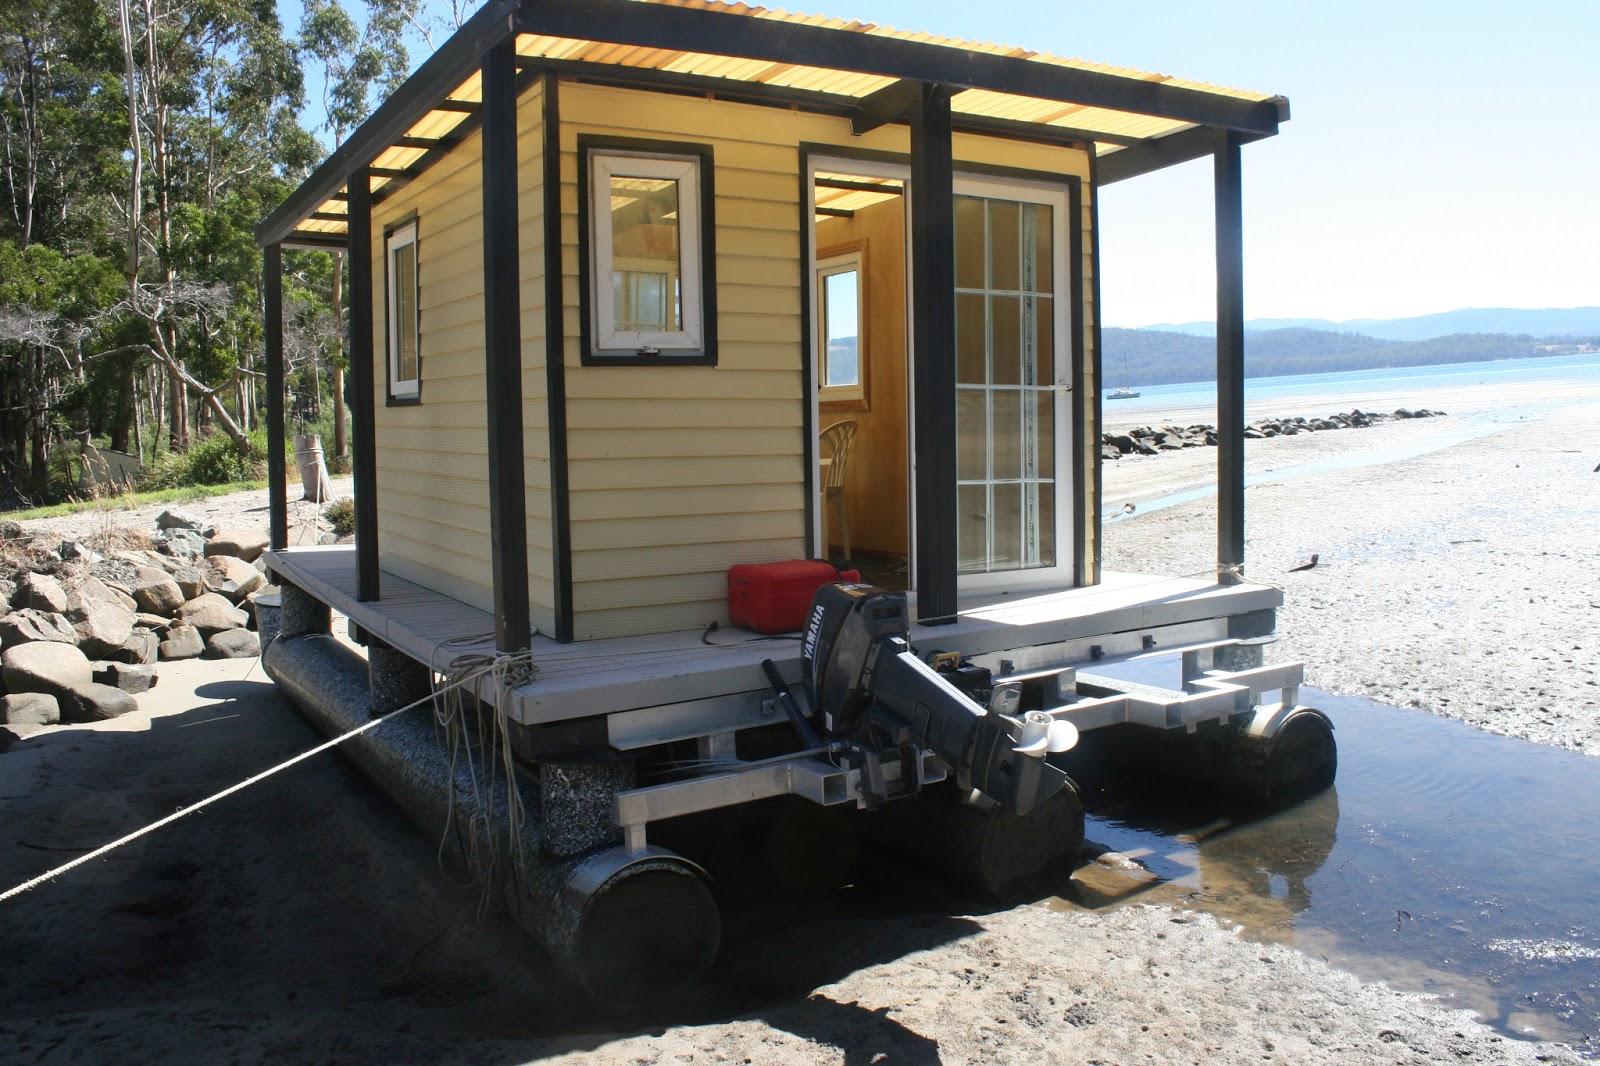 Gypsy Wagons Tiny Houses Shanty Boat In Tasmania